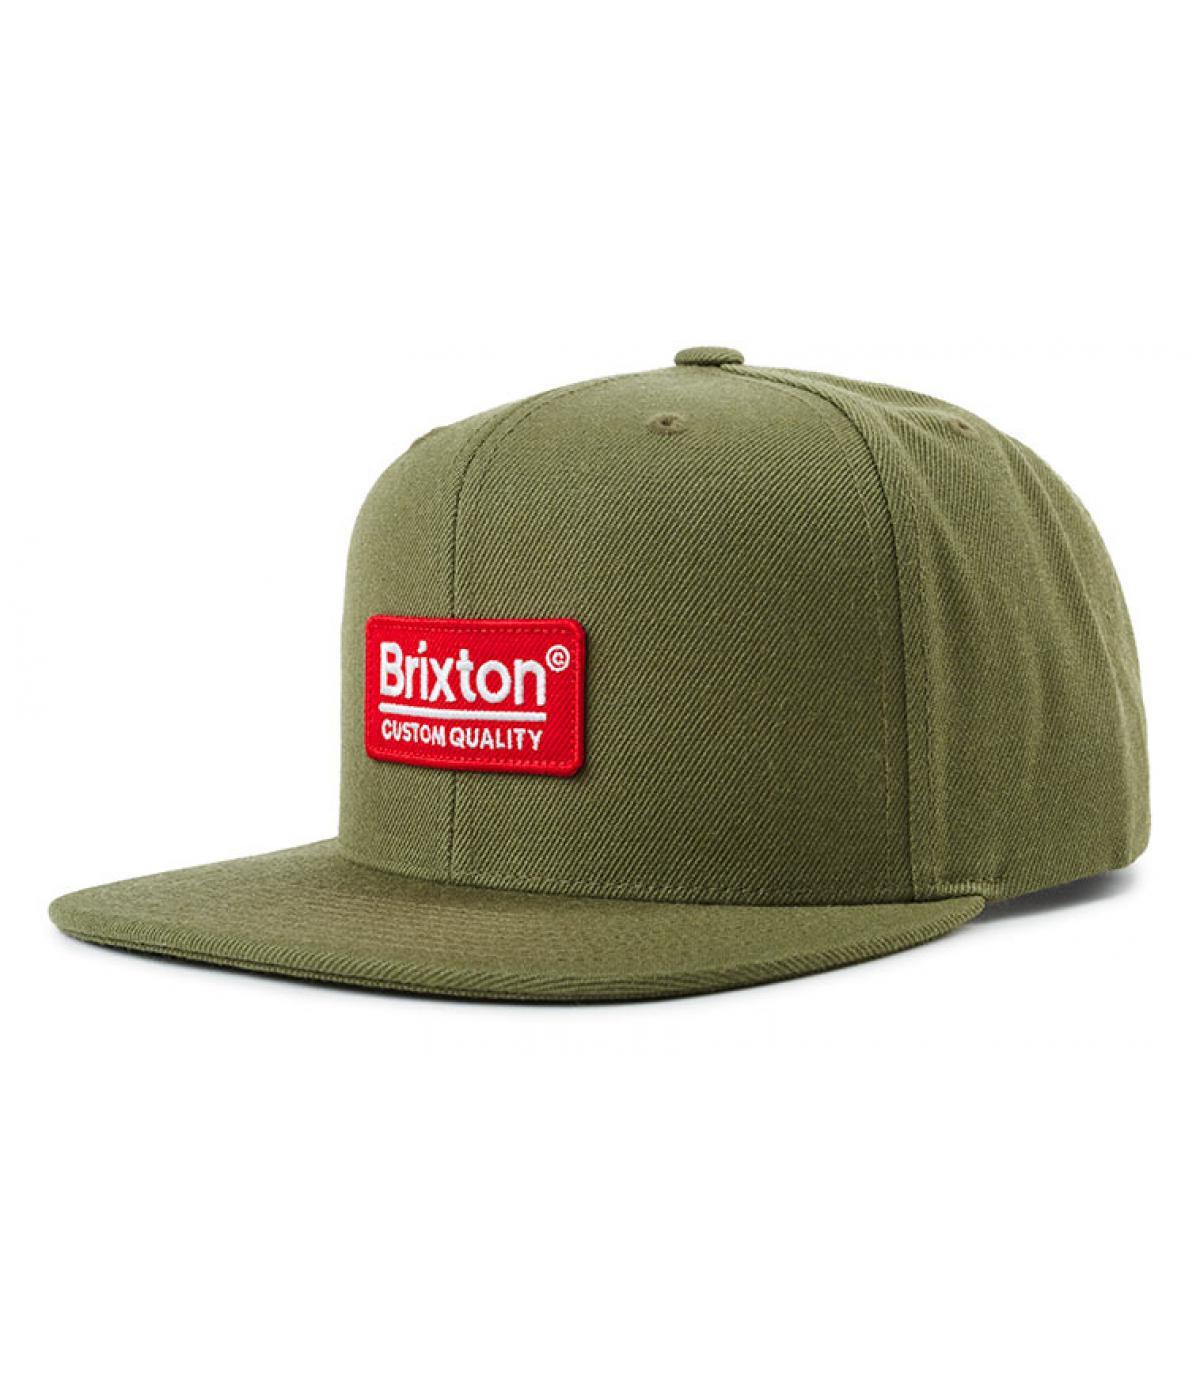 93510f704db58 olive-green snapback Brixton - Palmer II olive by Brixton. Headict